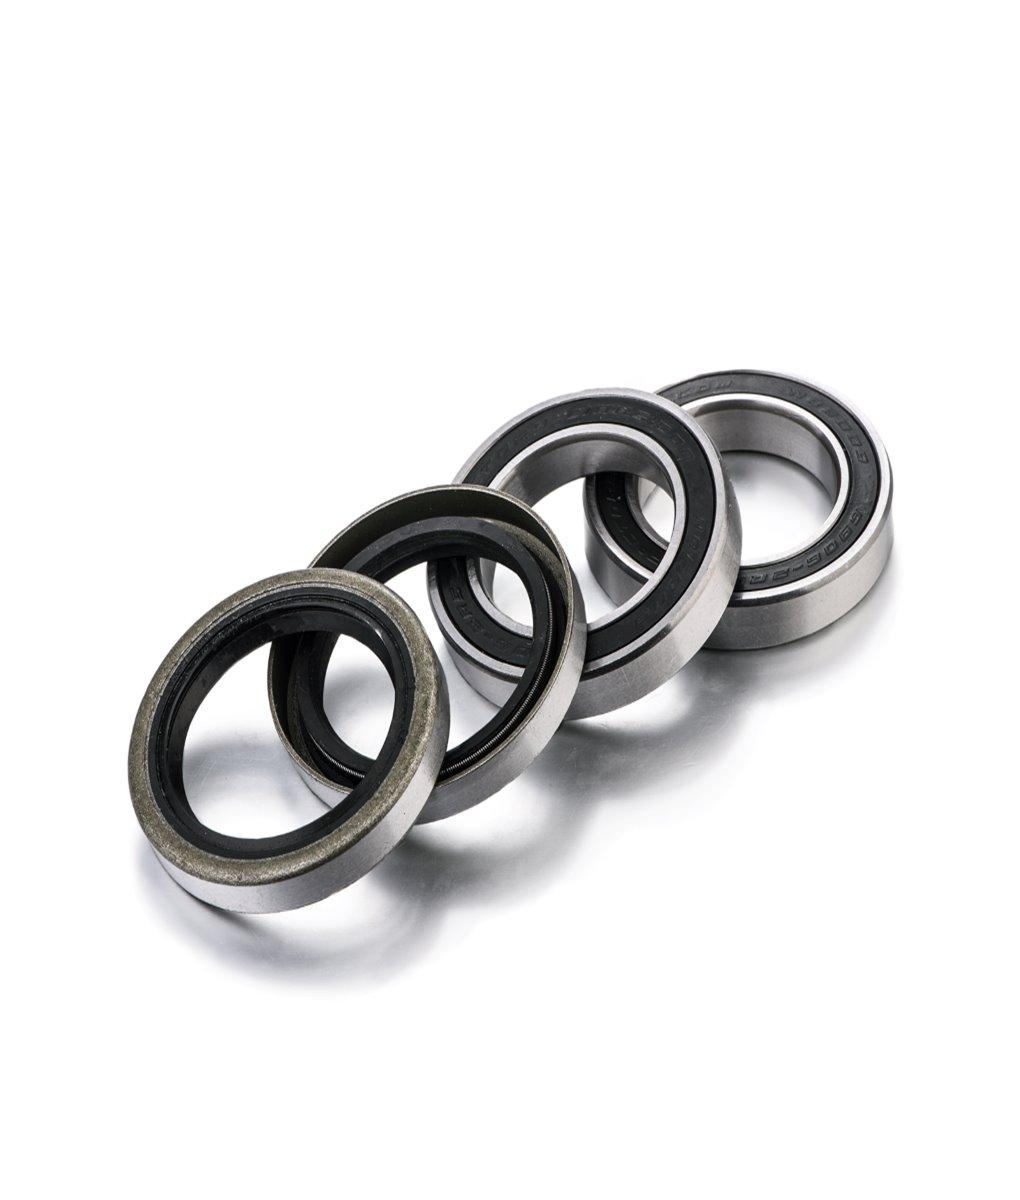 kit roulement de roue avant ktm 125 200 250 300 450 fwk t 022 ebay. Black Bedroom Furniture Sets. Home Design Ideas